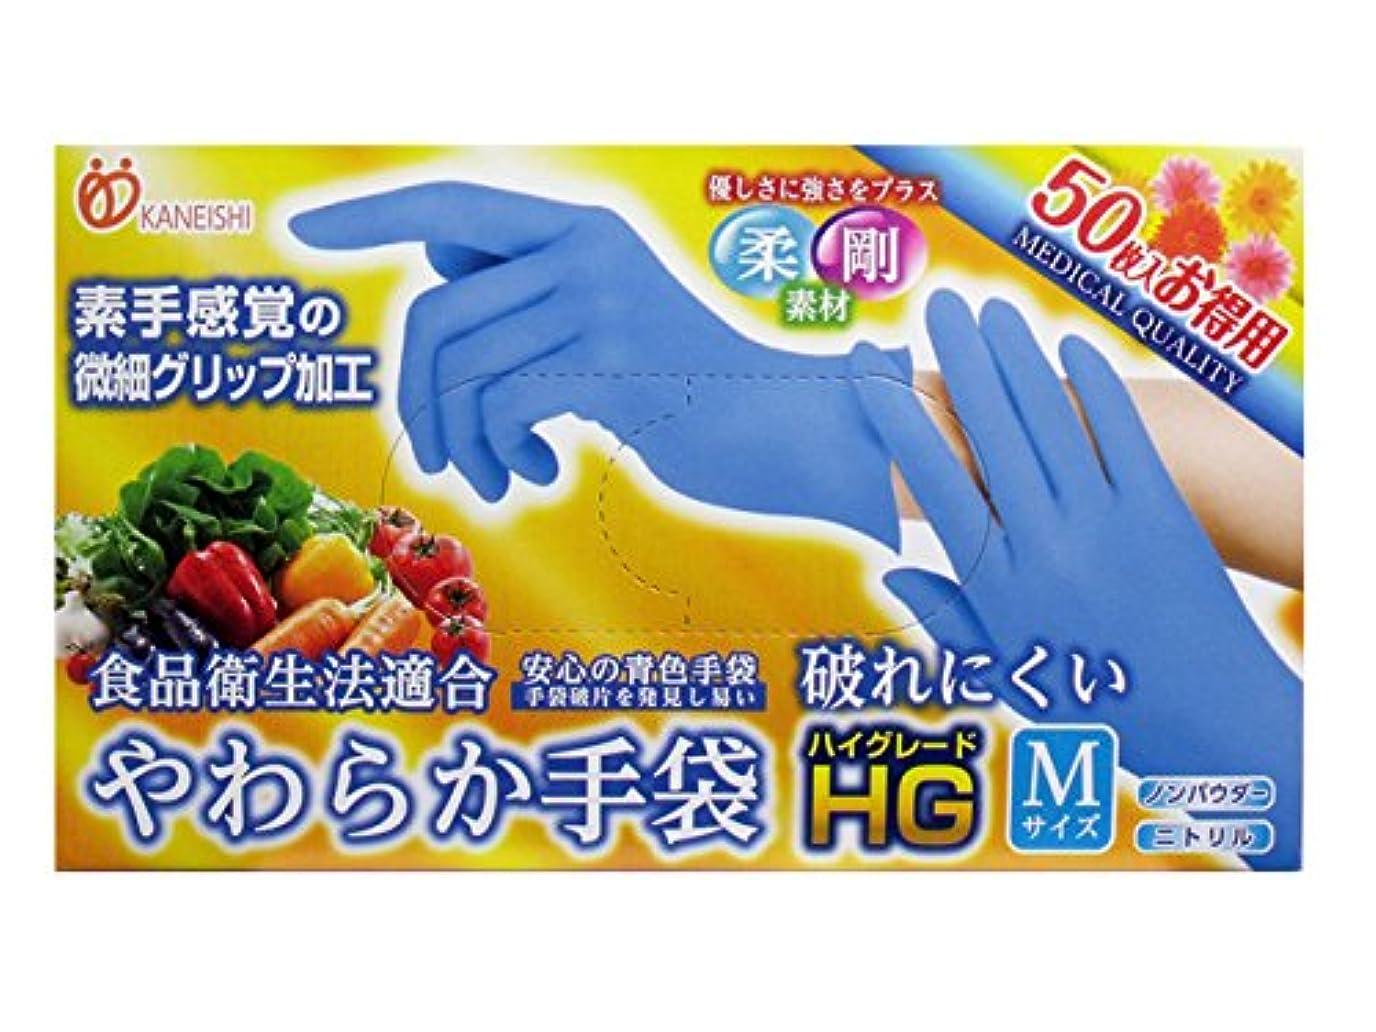 コンチネンタルロゴクリケット使い捨て手袋【カネイシ やわらか手袋HG二トリル手袋 粉無スーパーブルー】500枚(50枚入X10箱) 3サイズ選択可 (Mサイズ)